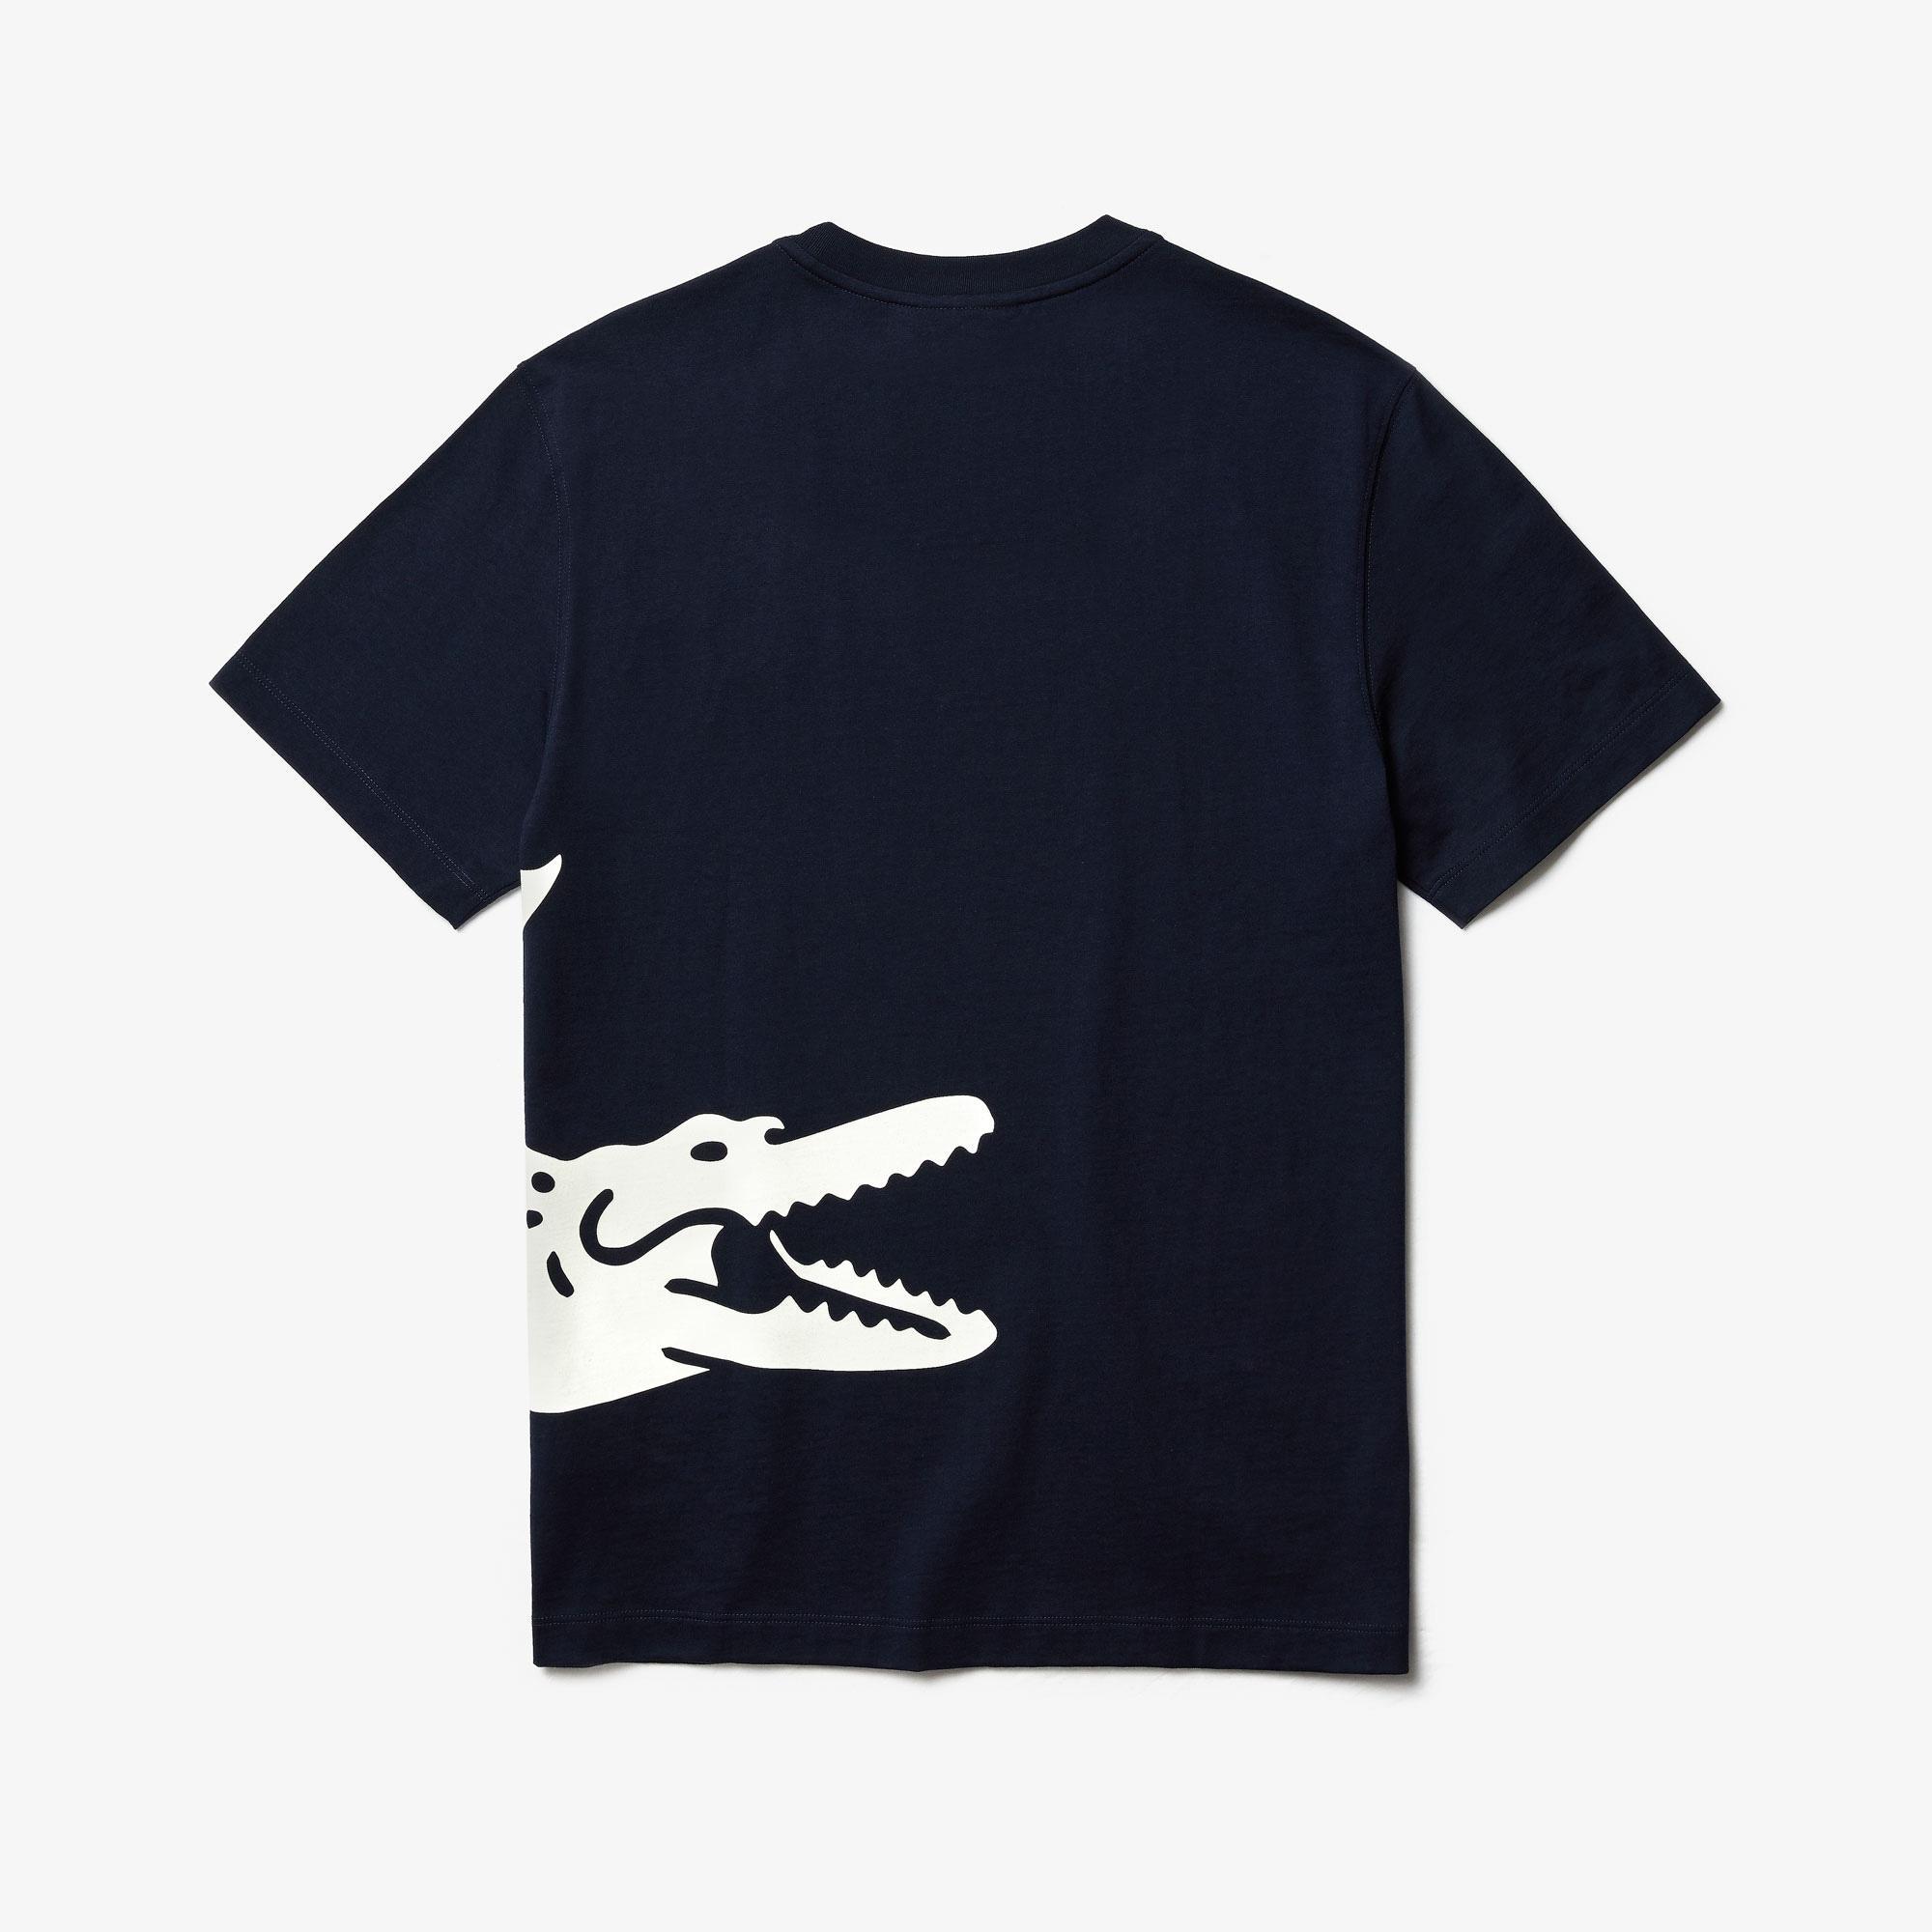 Lacoste Męski Luźny T-Shirt Z Nadrukiem Krokodyla Z Okrągłym Dekoltem